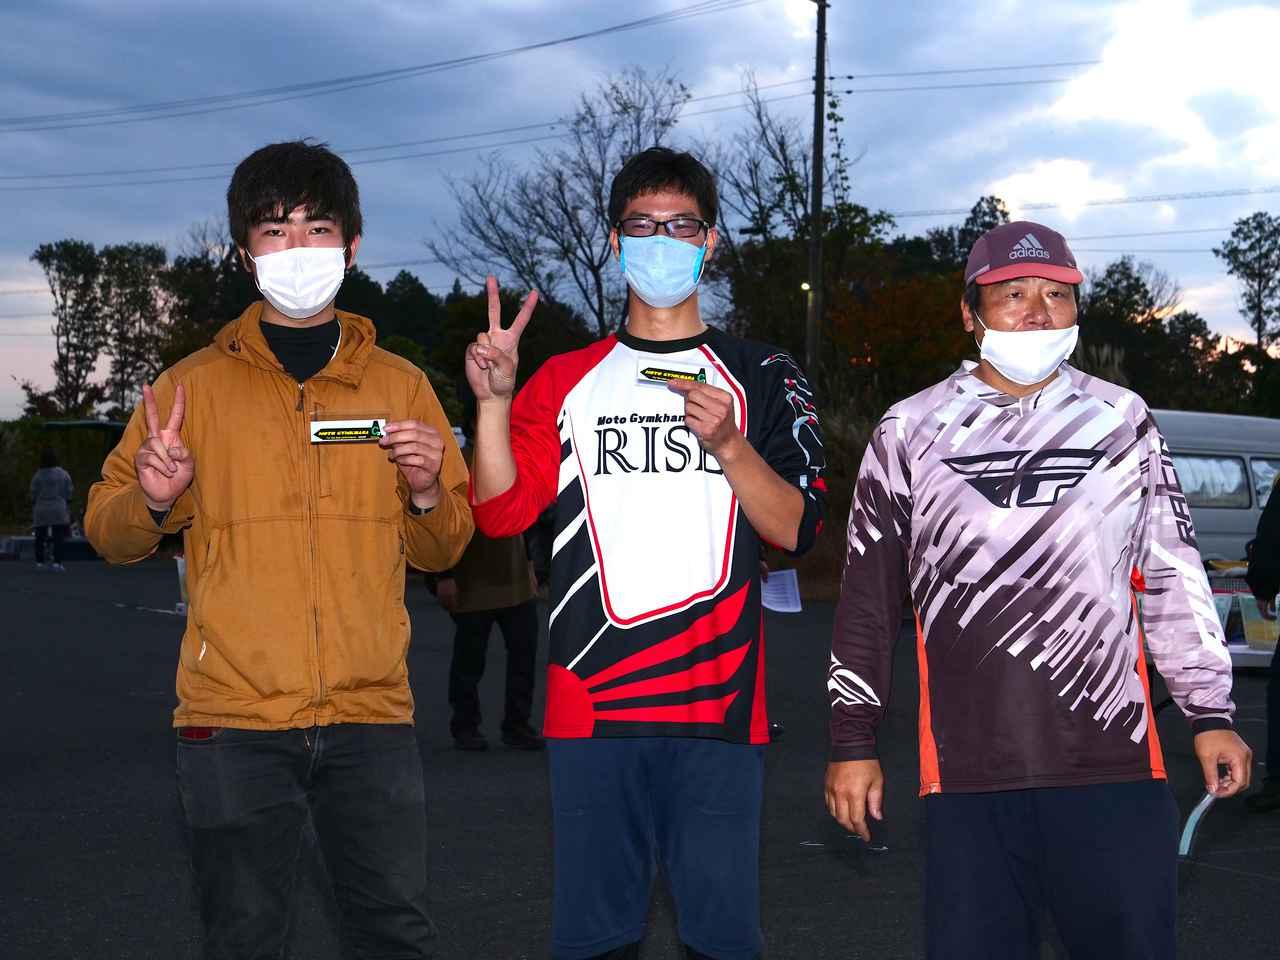 画像: 左から滑雄之助選手(ノービス→C2級)、田中健太選手(C2級→C1級)、双木紀彦選手(C2級→C1級)